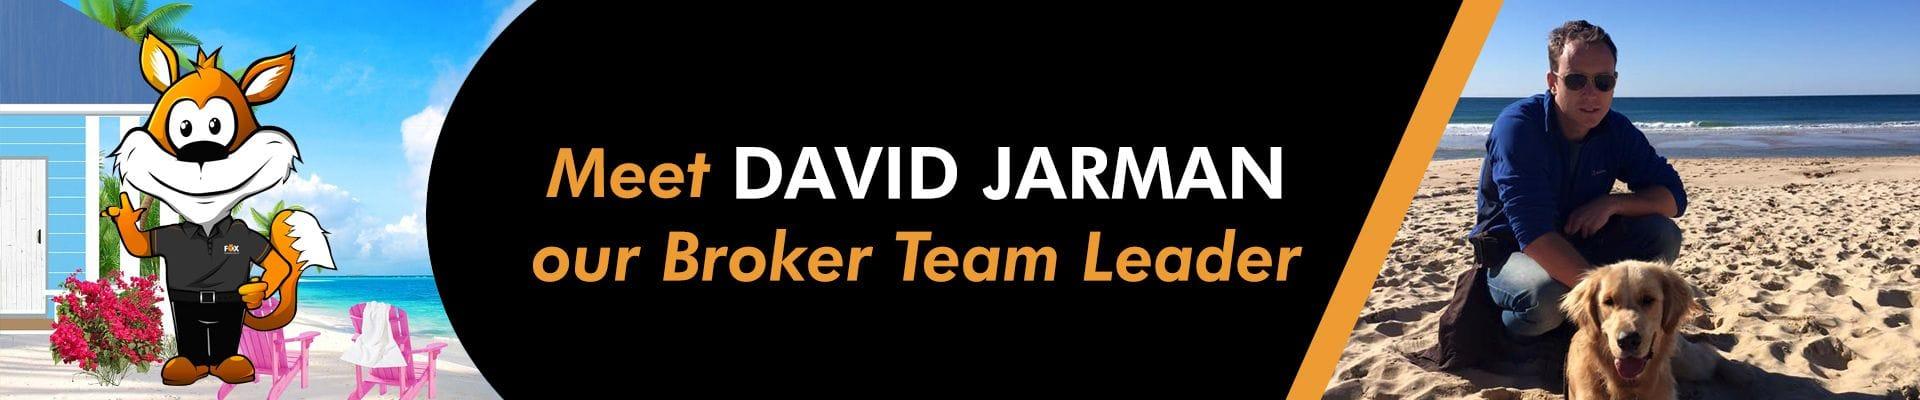 Meet David Jarman